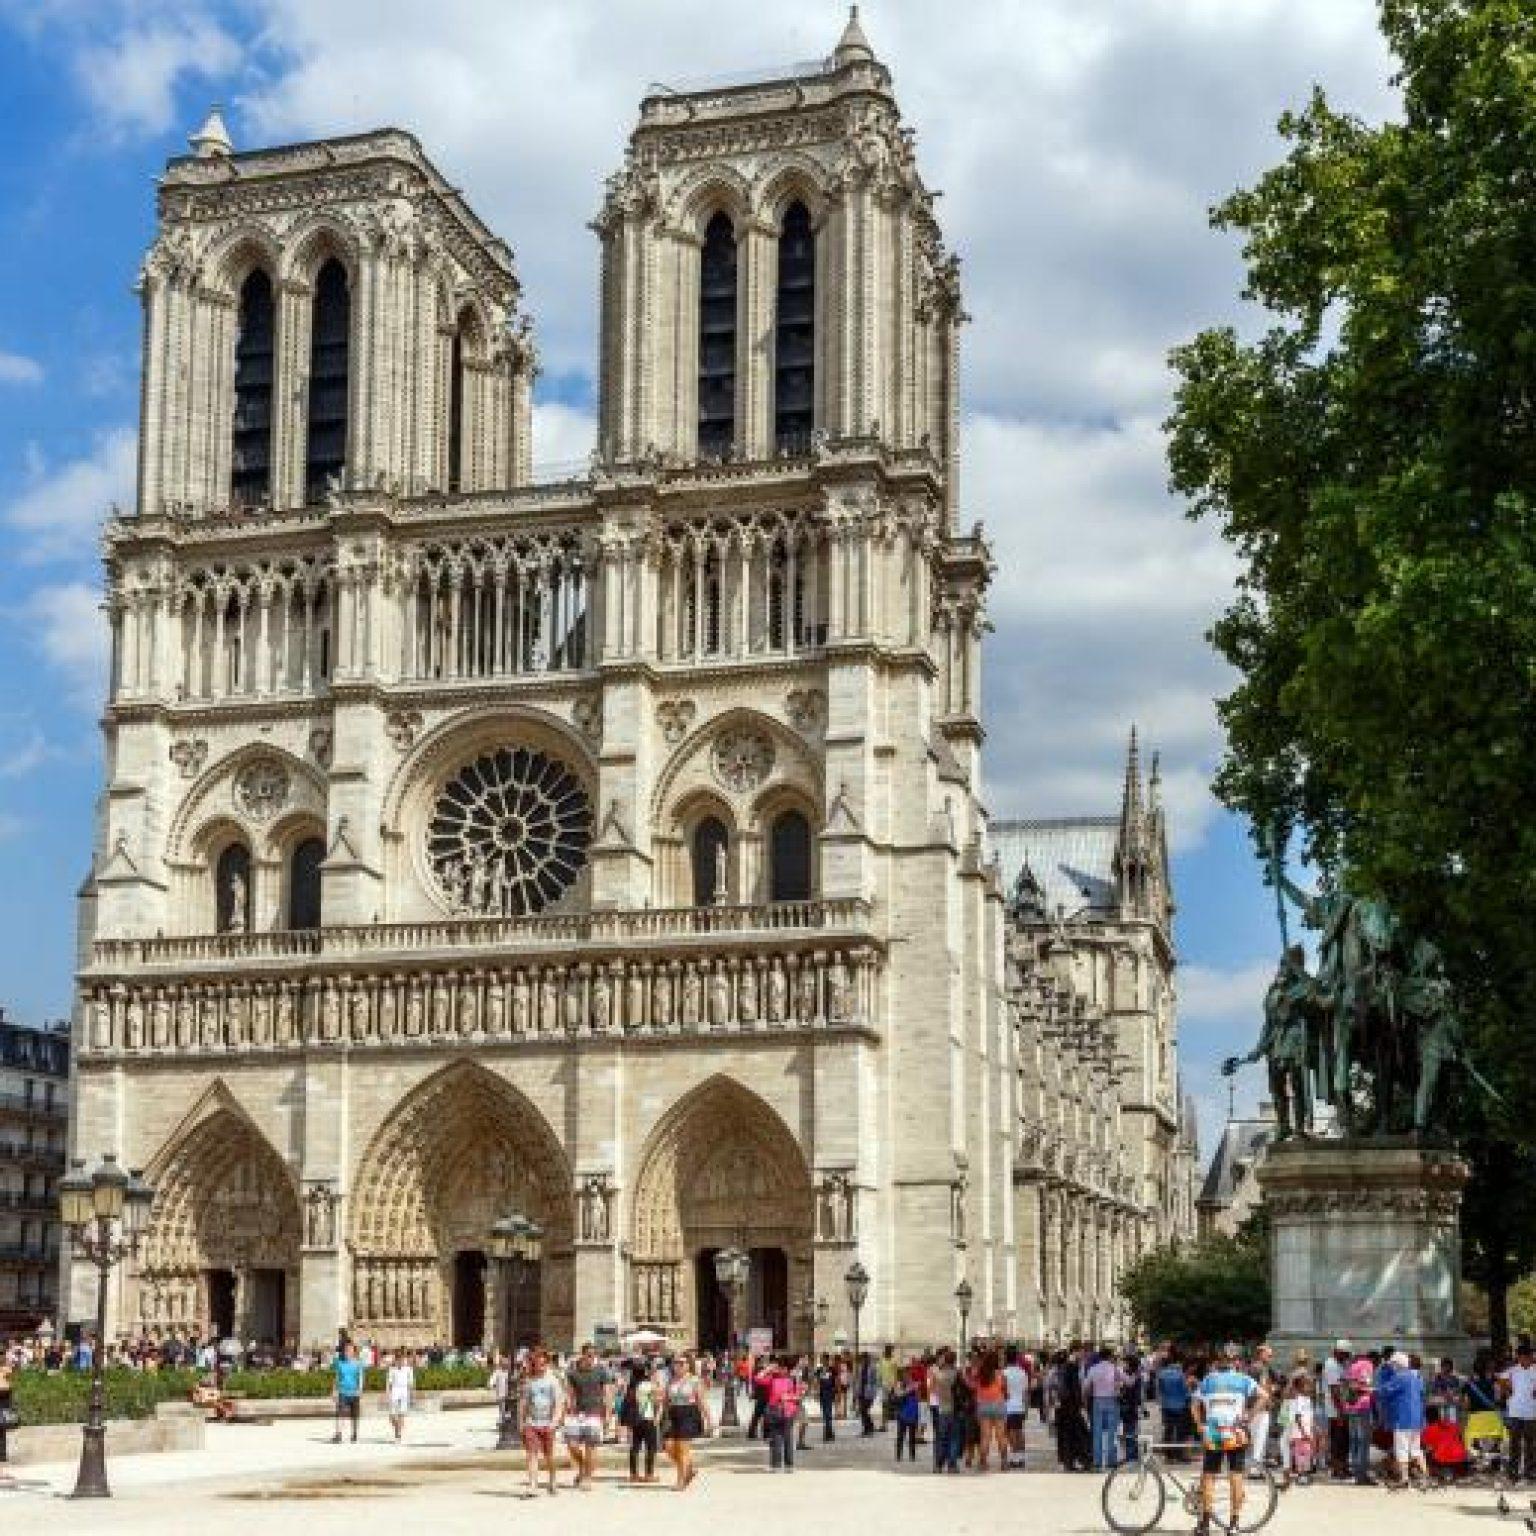 Достопримечательности Парижа: Нотр-Дам-де-Пари – собор Парижской Богоматери